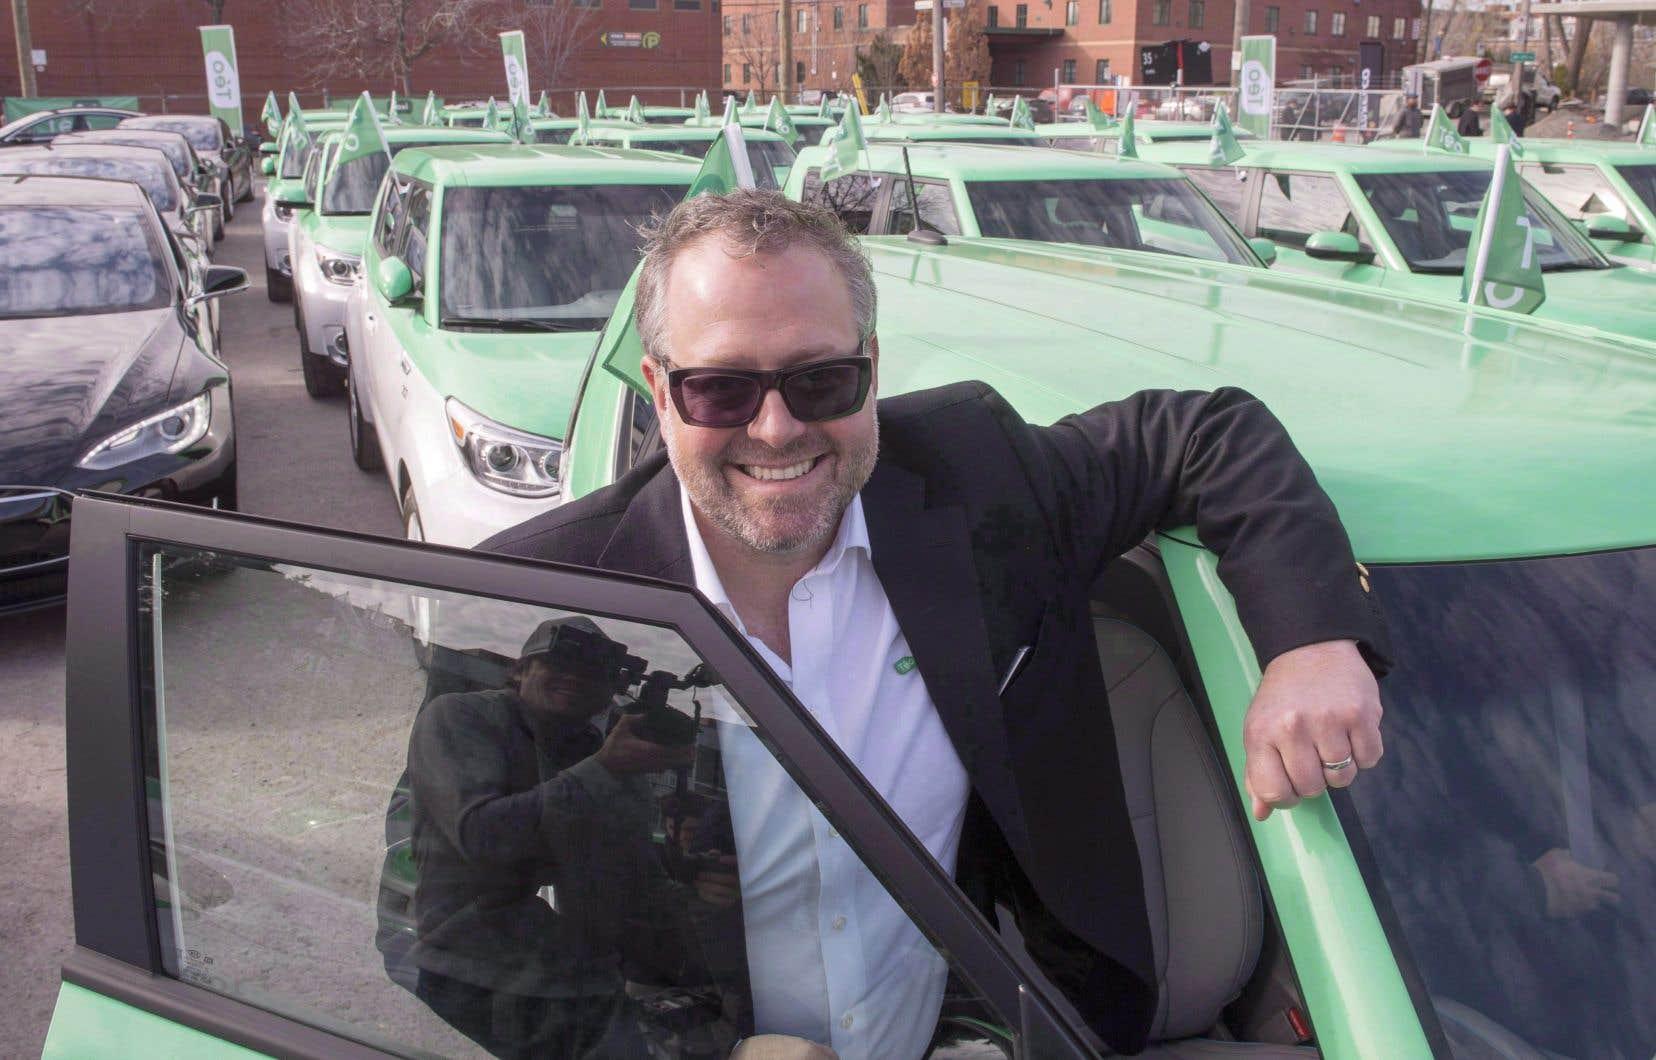 Le président de campagne du Parti libéral du Québec, Alexandre Taillefer, a obtenu deux prêts totalisant 4 millions de dollars pour son entreprise Téo Taxi quelques mois avant de se joindre à l'équipe libérale.